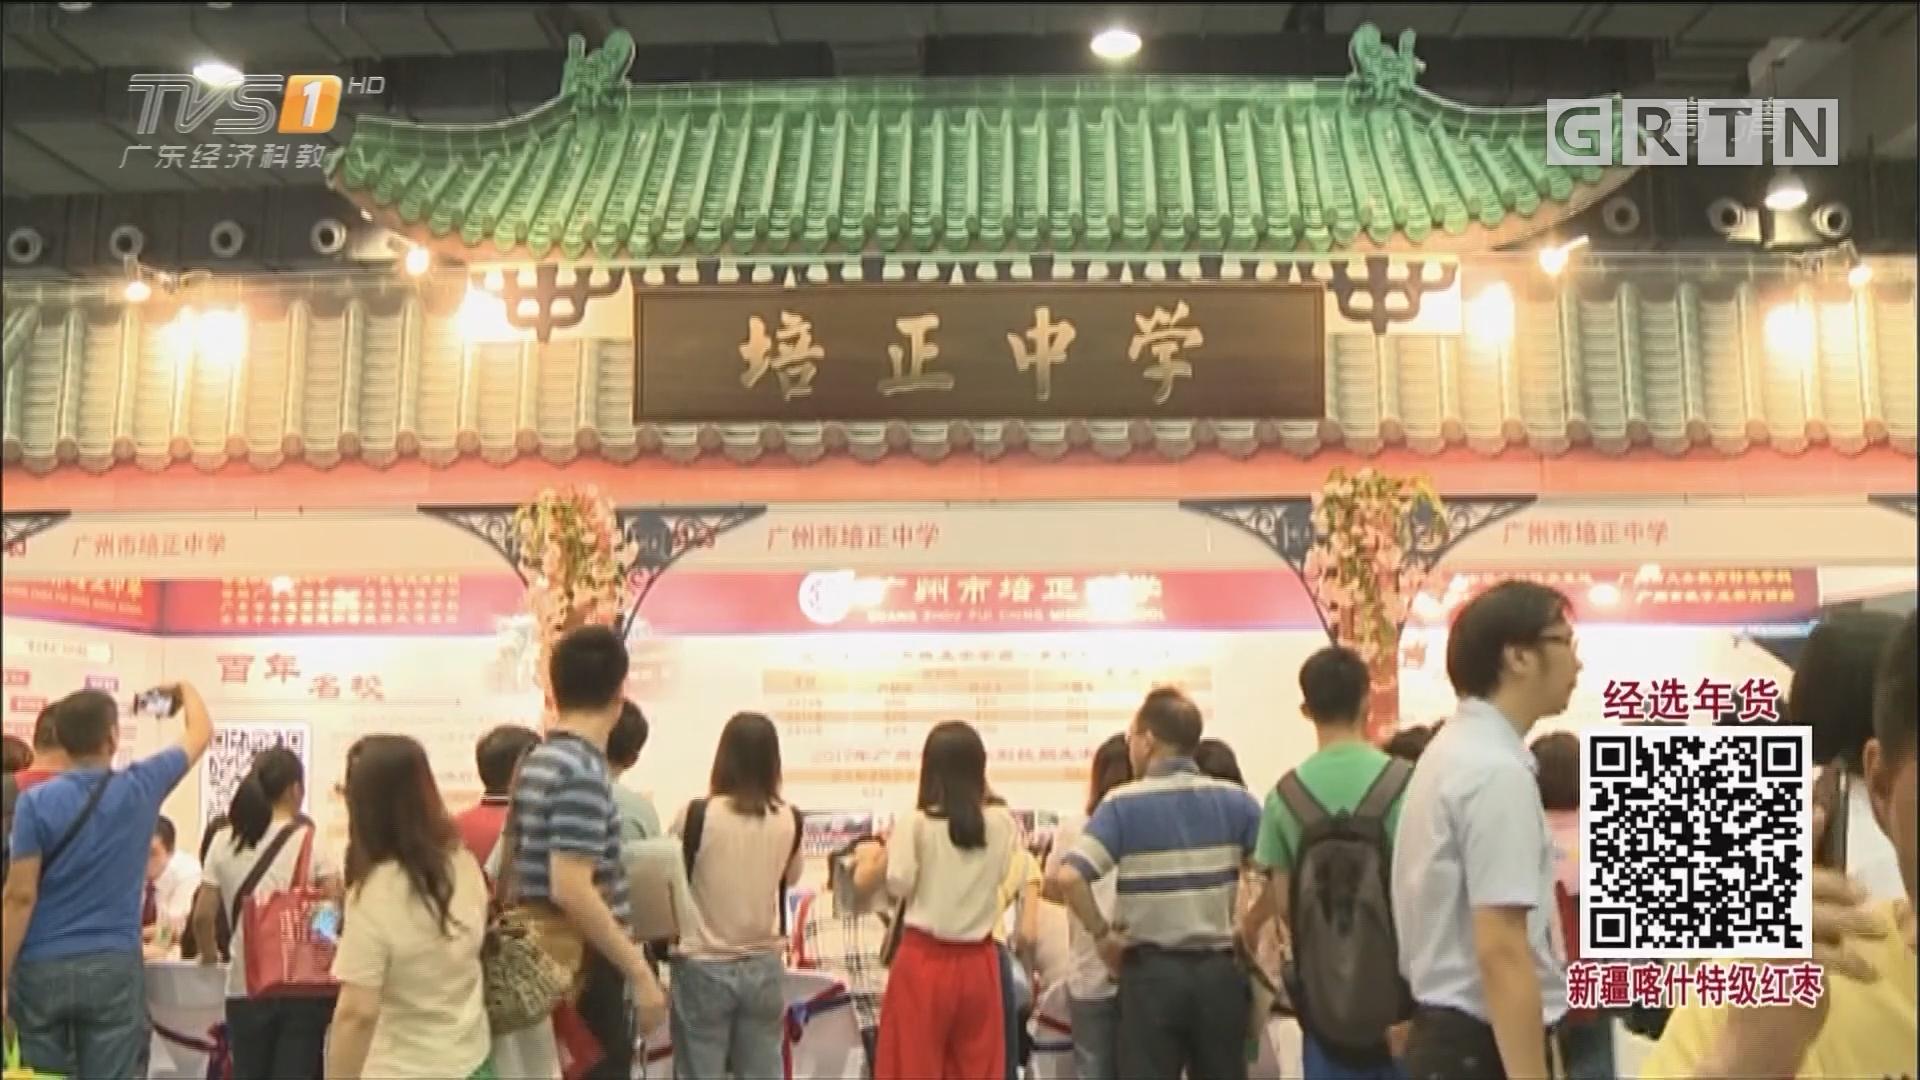 广东:初中生升学将看五方面评价